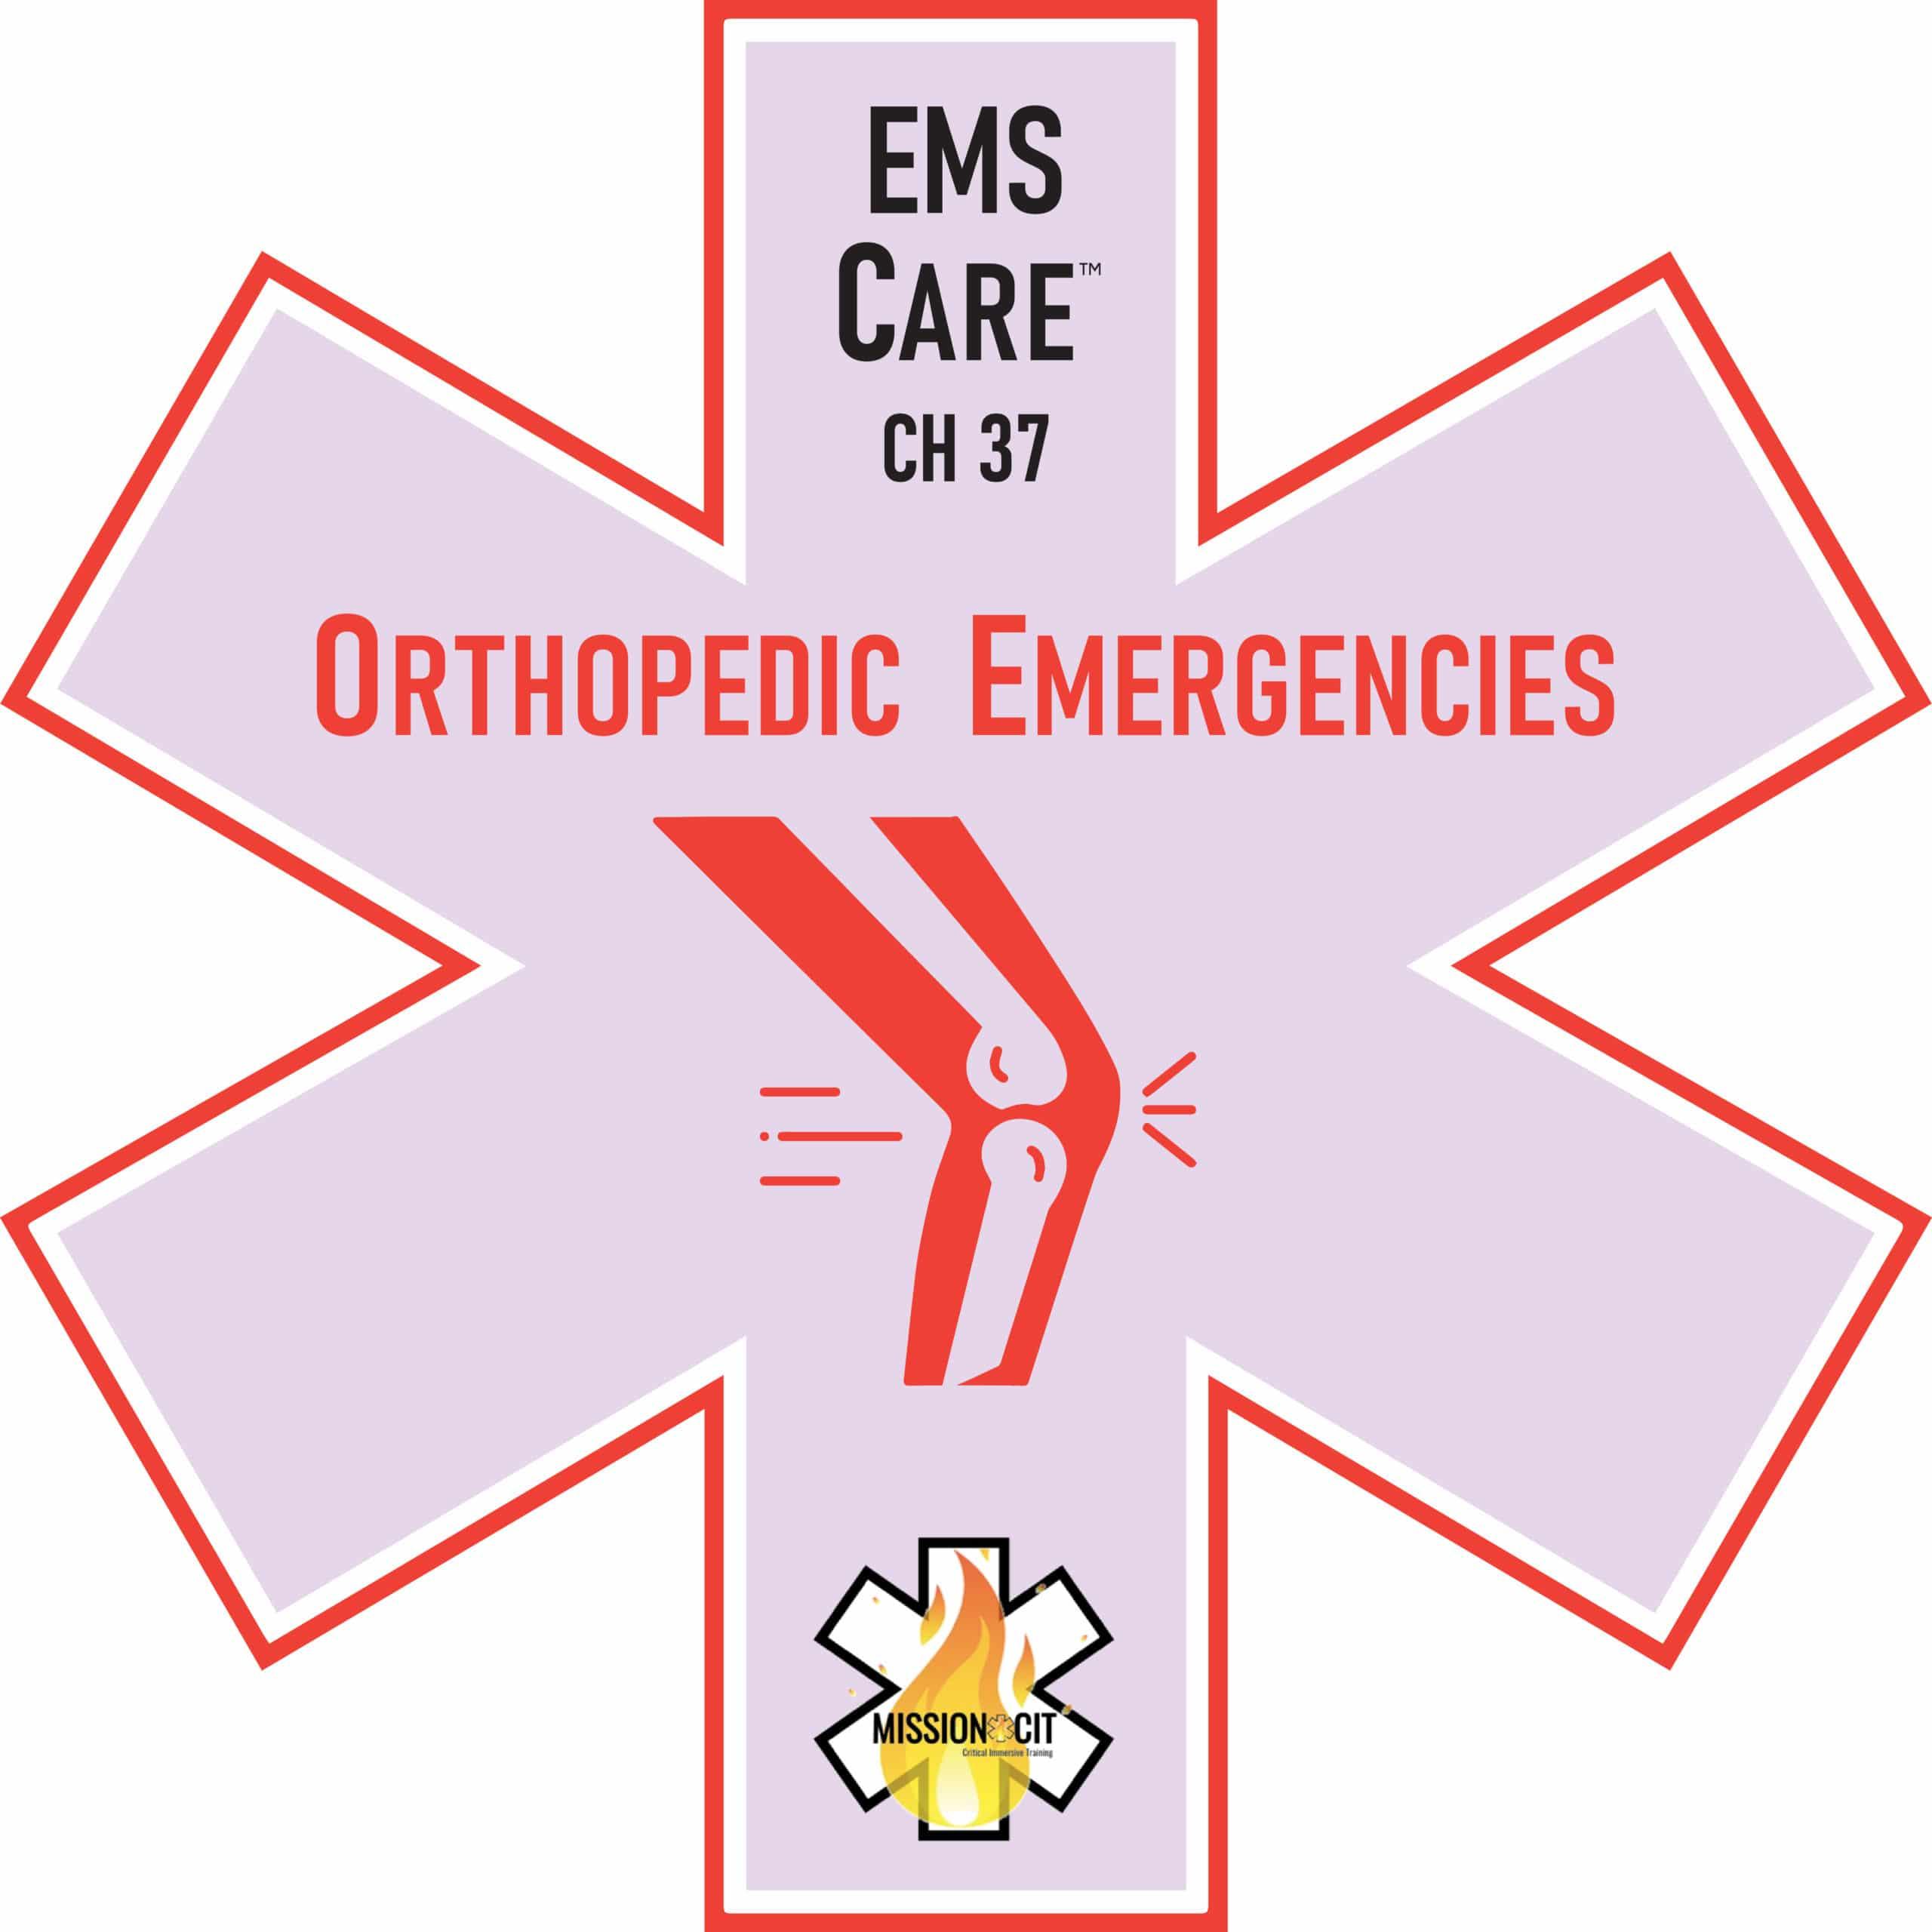 missioncit-ems-care-orthopedic-emergencies